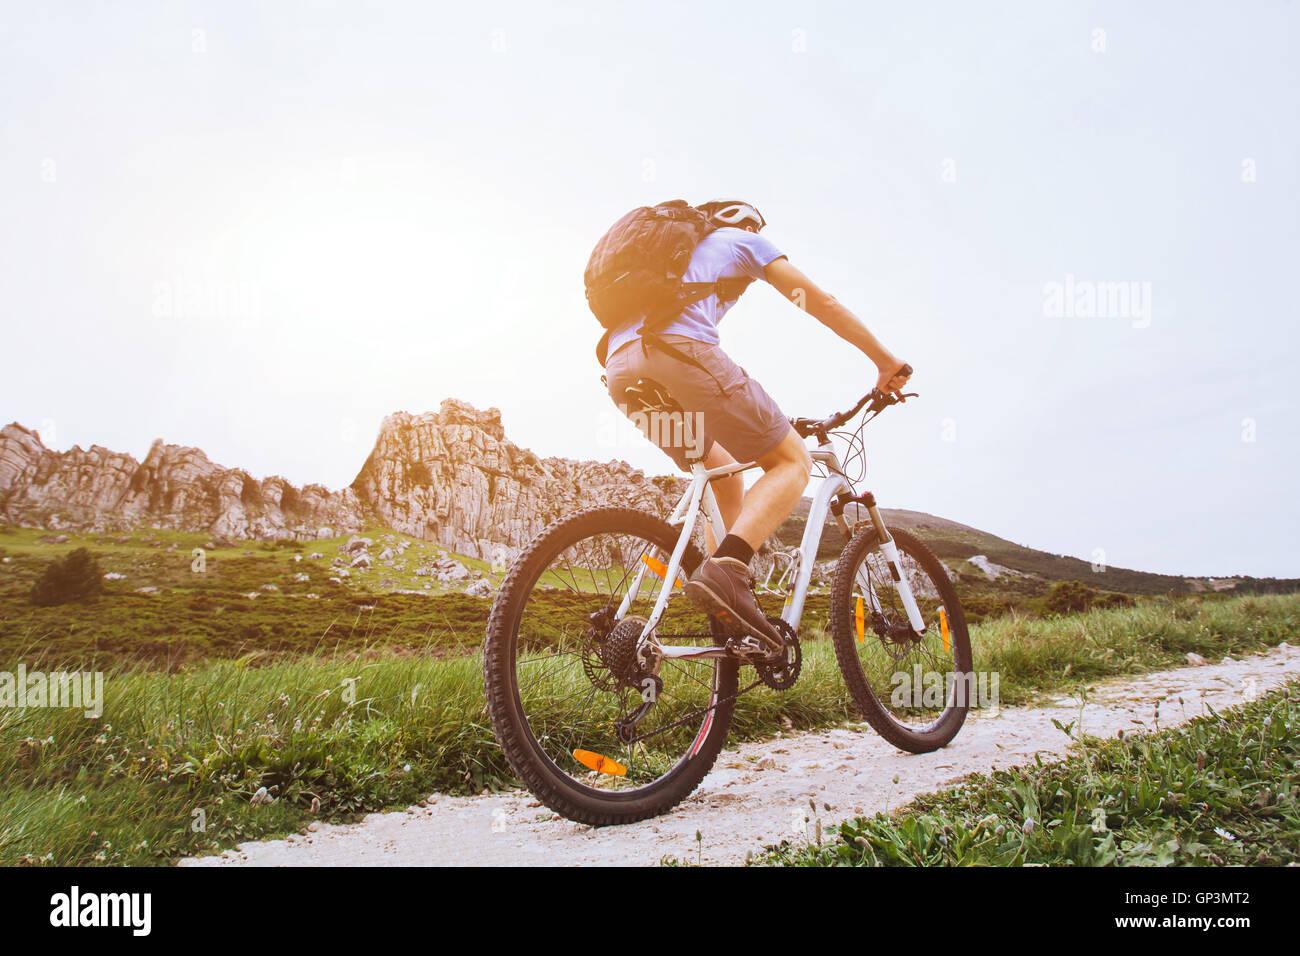 Vtt, randonnée à vélo à l'extérieur, sports extrêmes Photo Stock